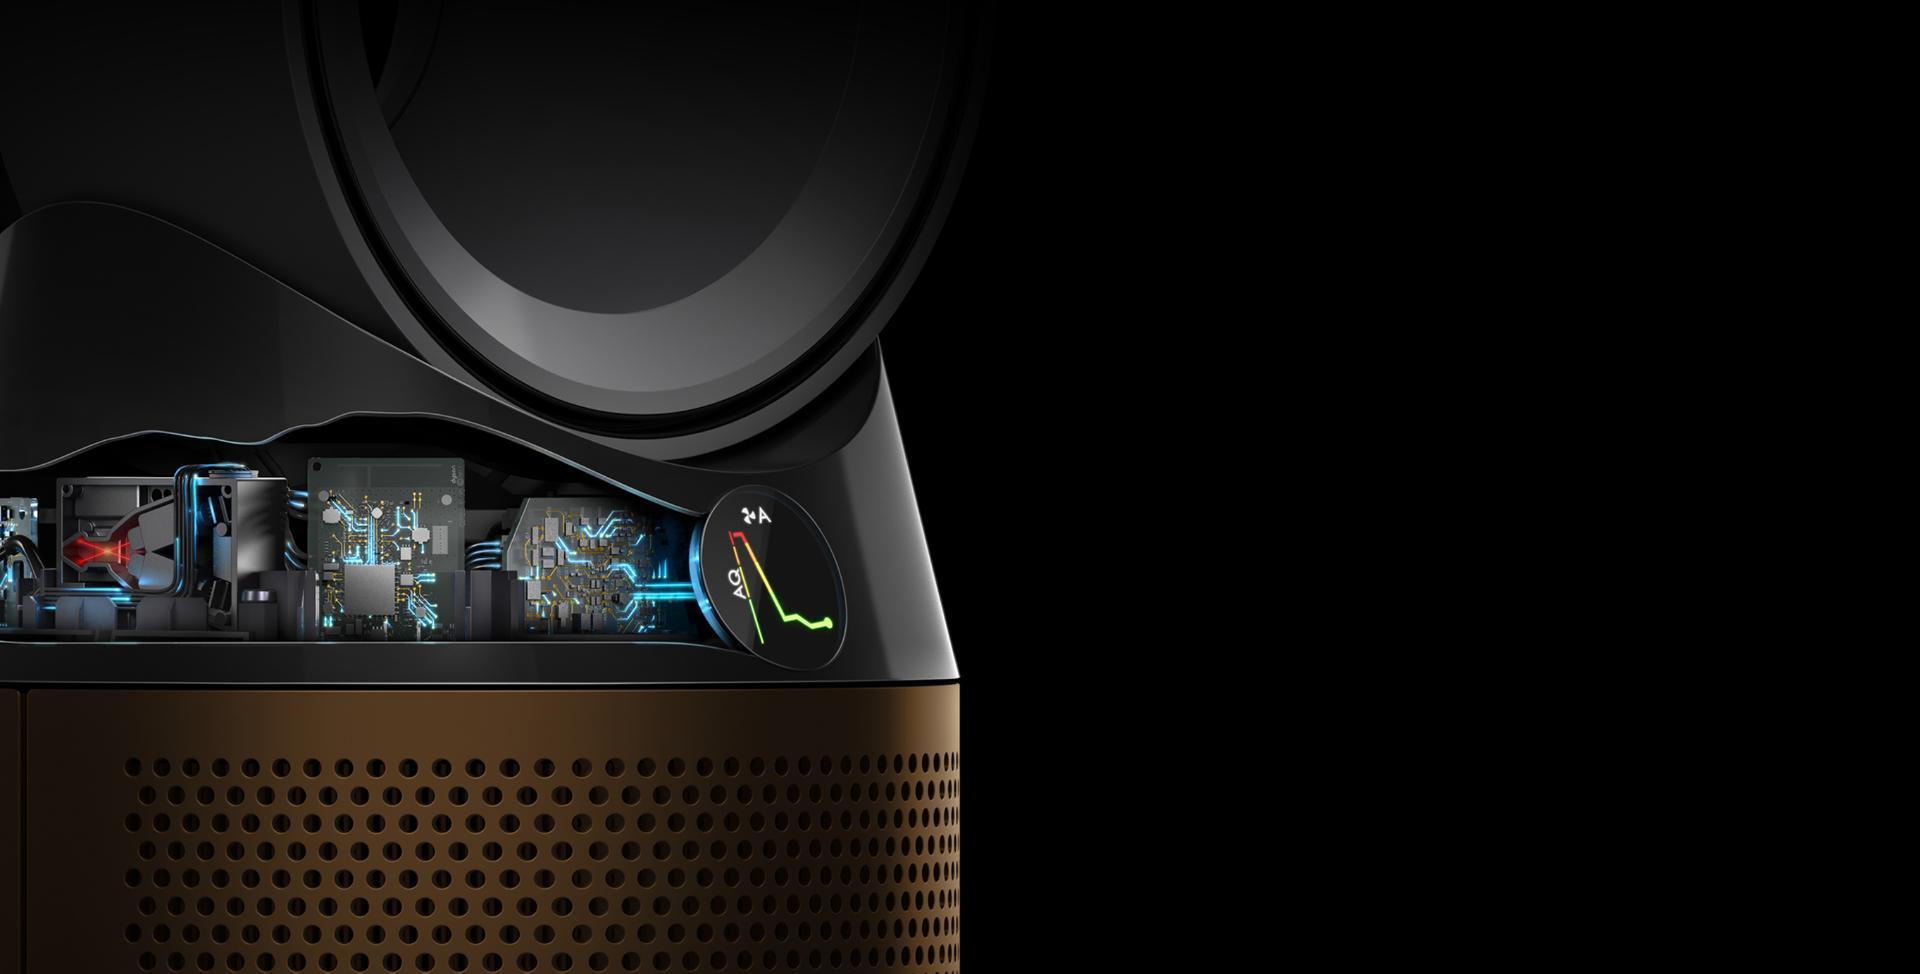 หน้าจอ LCD ของเครื่องกรองอากาศ Dyson Cryptomic กำลังตรวจจับมลพิษในอากาศ